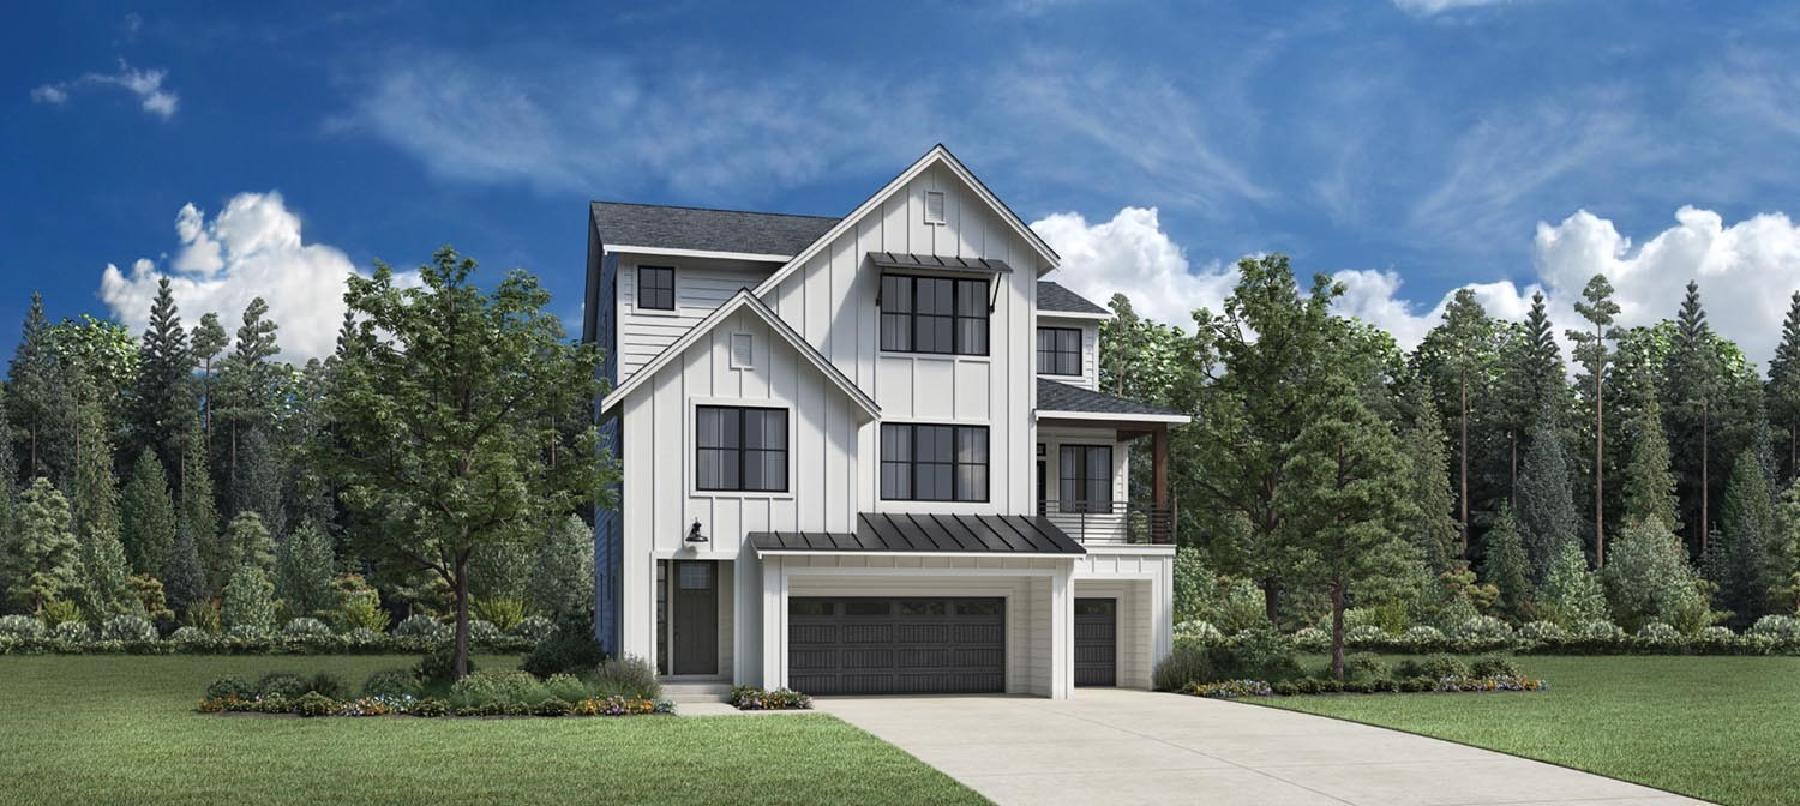 Elevation Image:Eugene Farmhouse